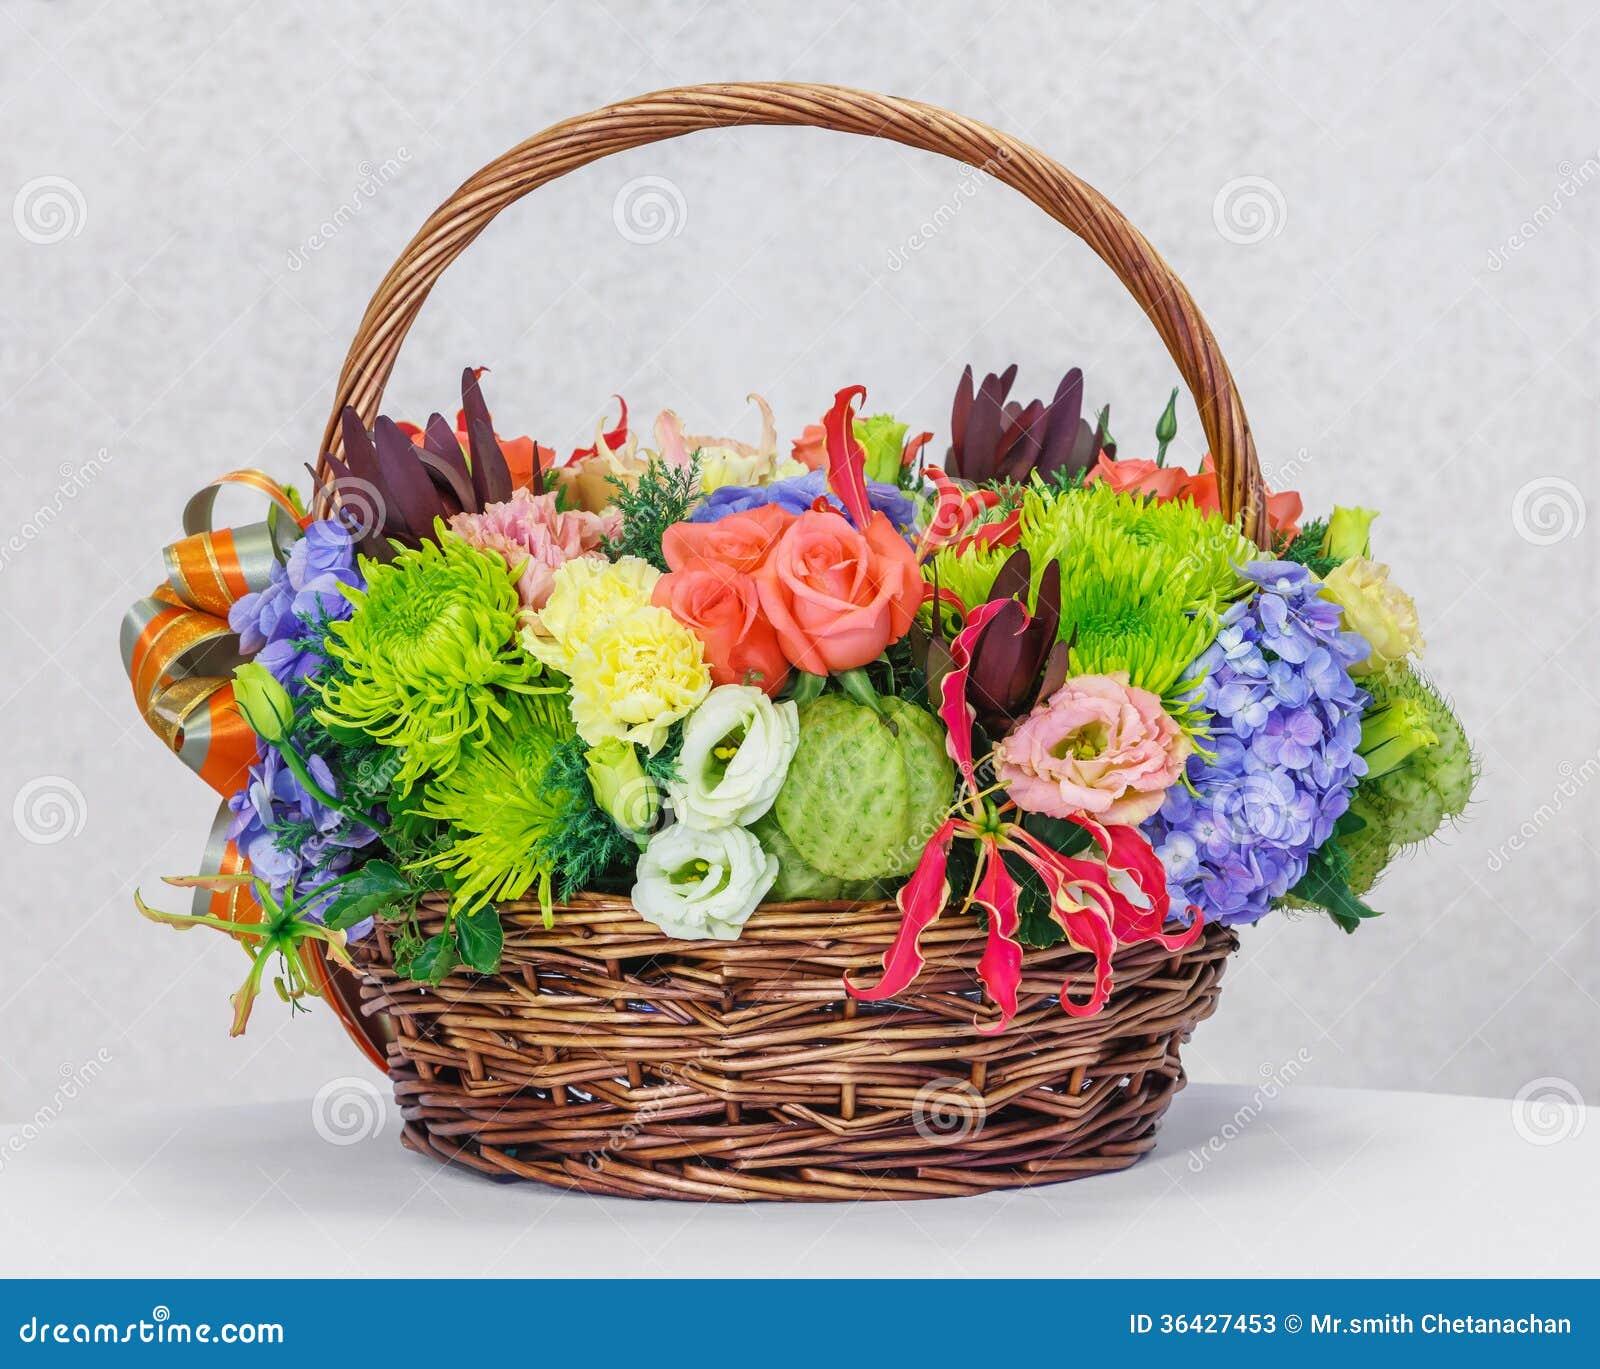 Panier De Fleurs Fraîches : Bouquet de fleur dans le panier en osier photos stock